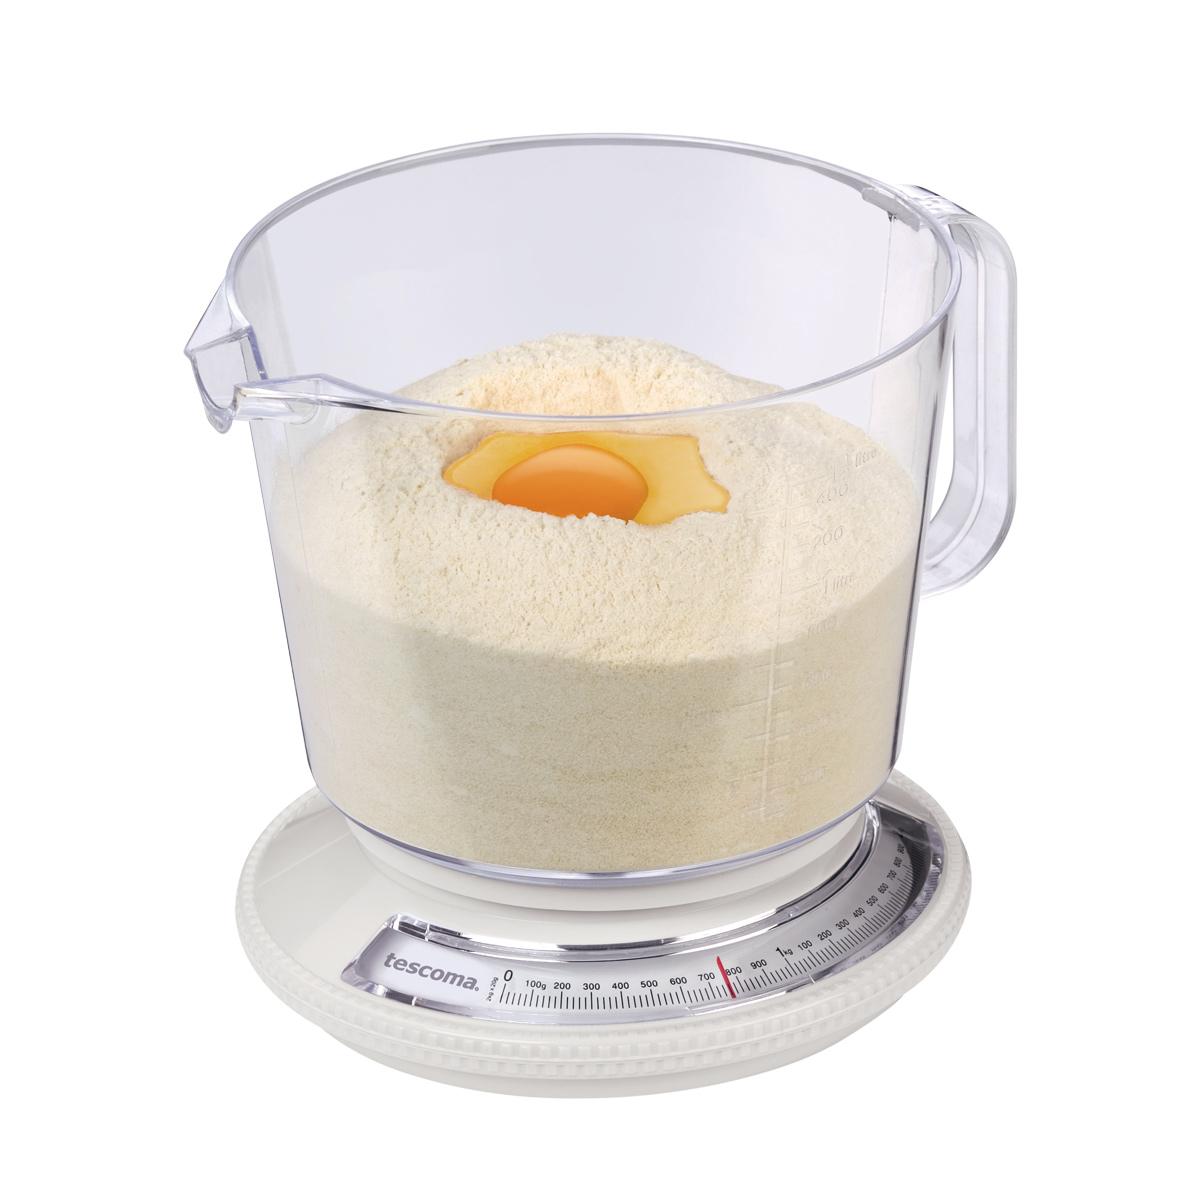 Kuchyňská váha dovažovací DELÍCIA 2.2 kg